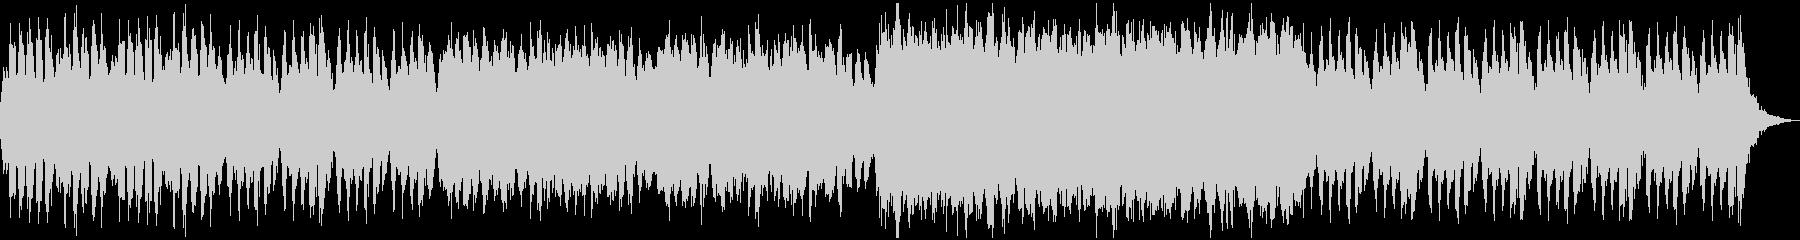 オーケストラによる怪しげなBGMの未再生の波形